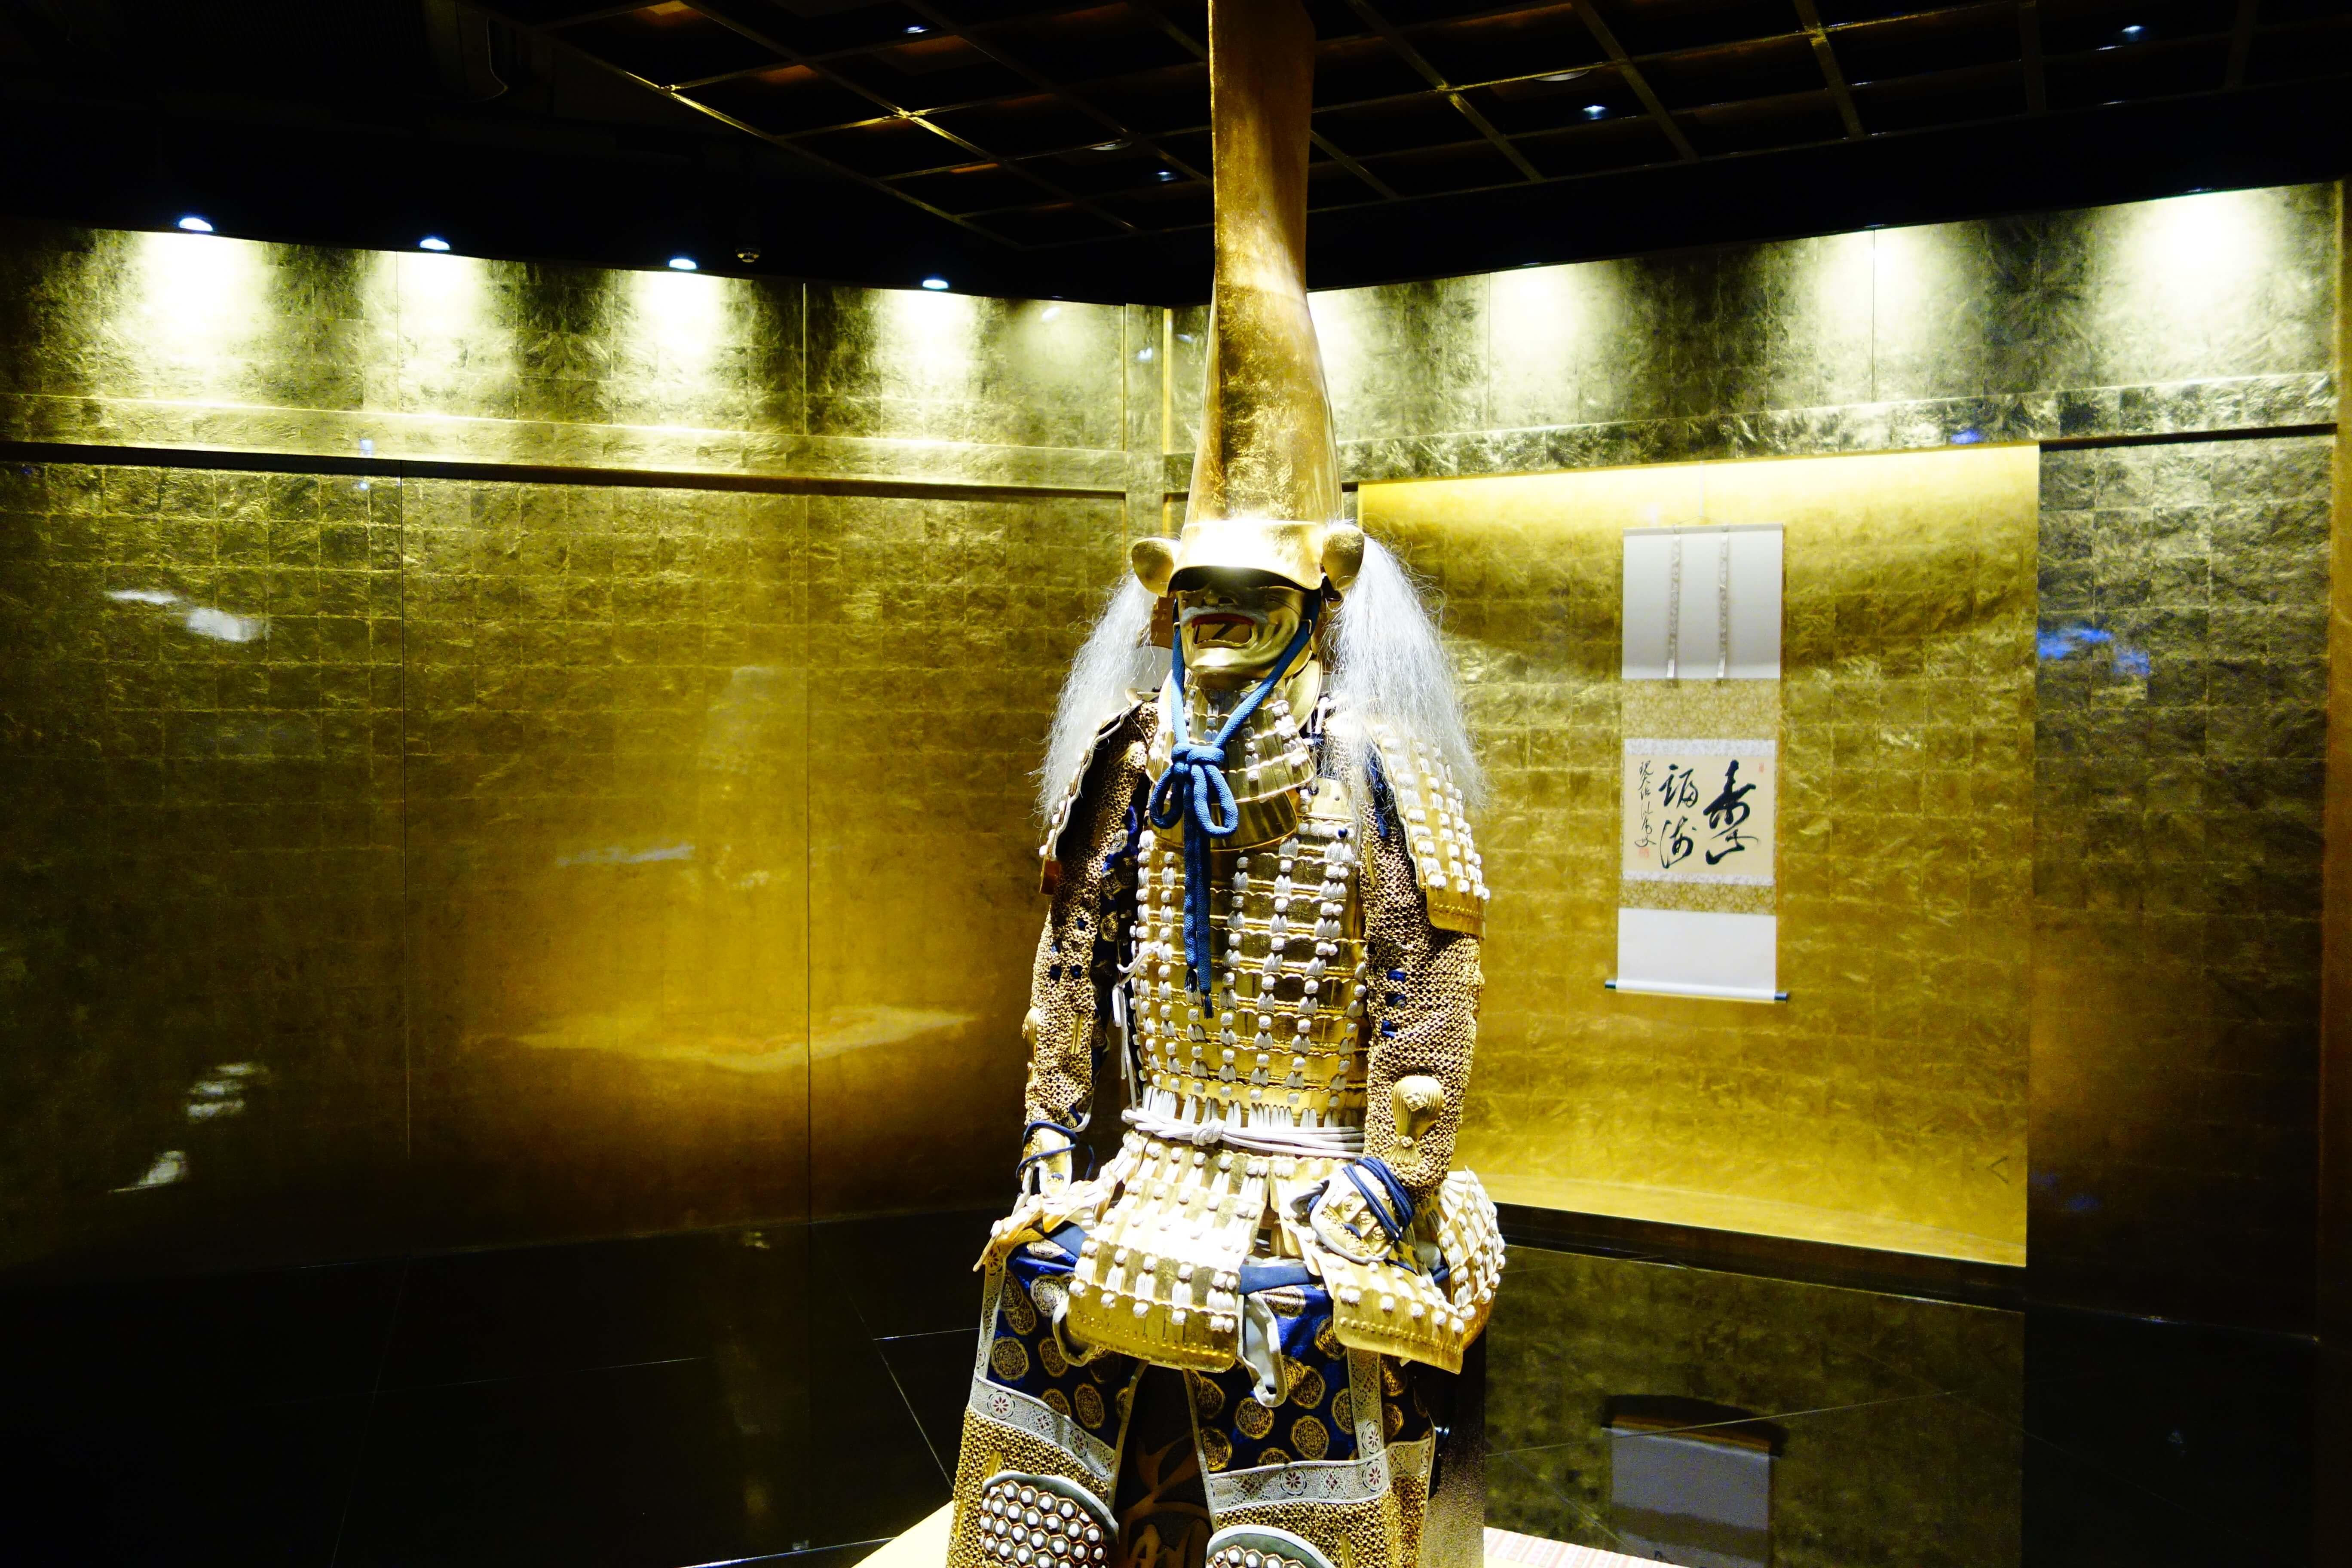 箔一|金沢市で金箔体験や金箔ソフトクリームで体感する石川県の伝統